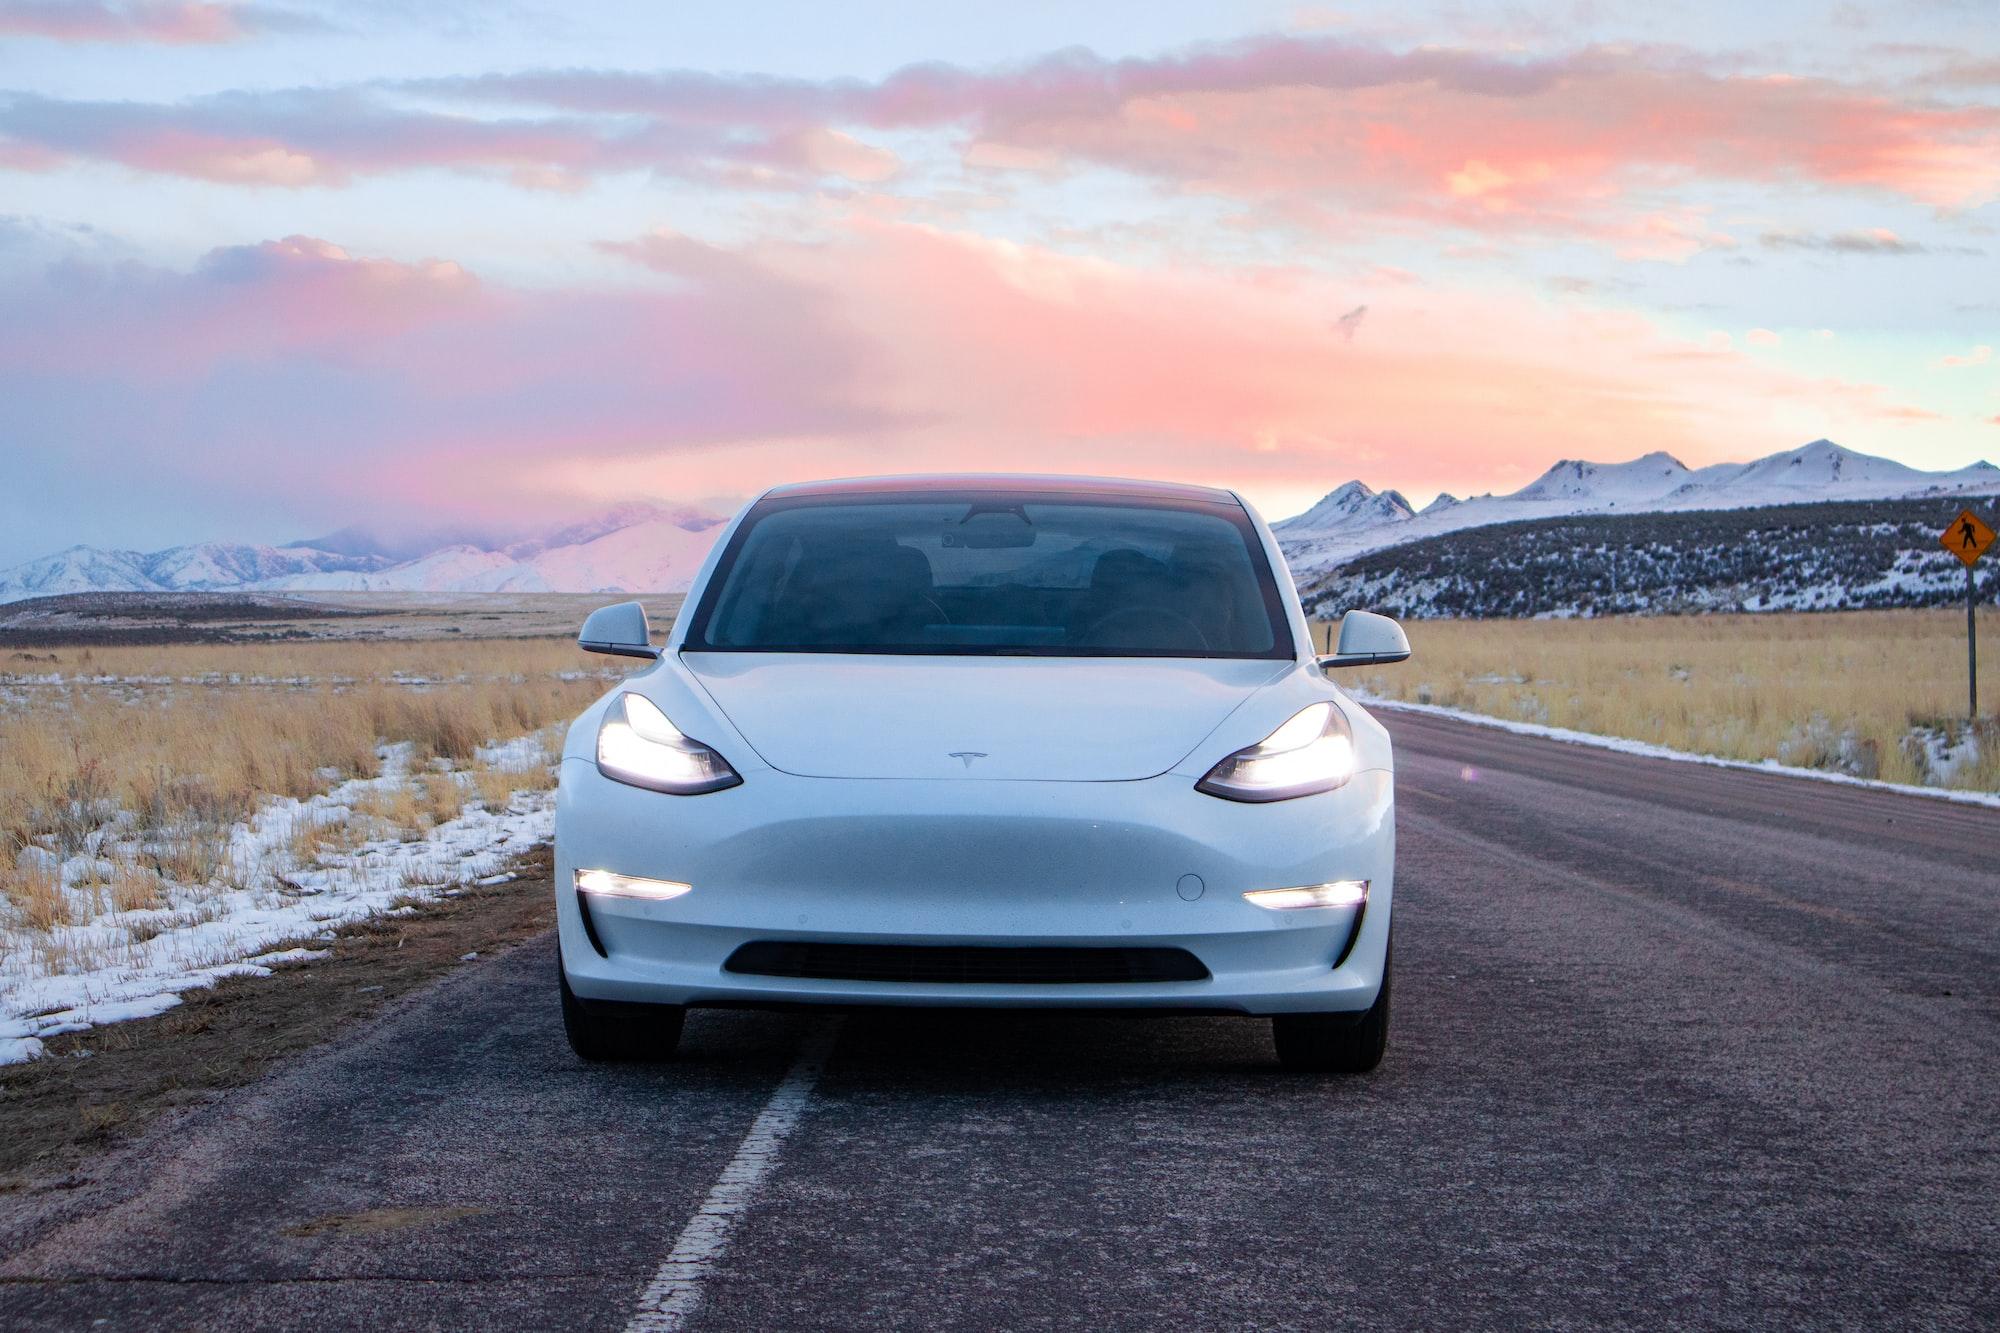 Tesla má v Číně skvělou pozici. Může za to systém, finance a Elon Musk